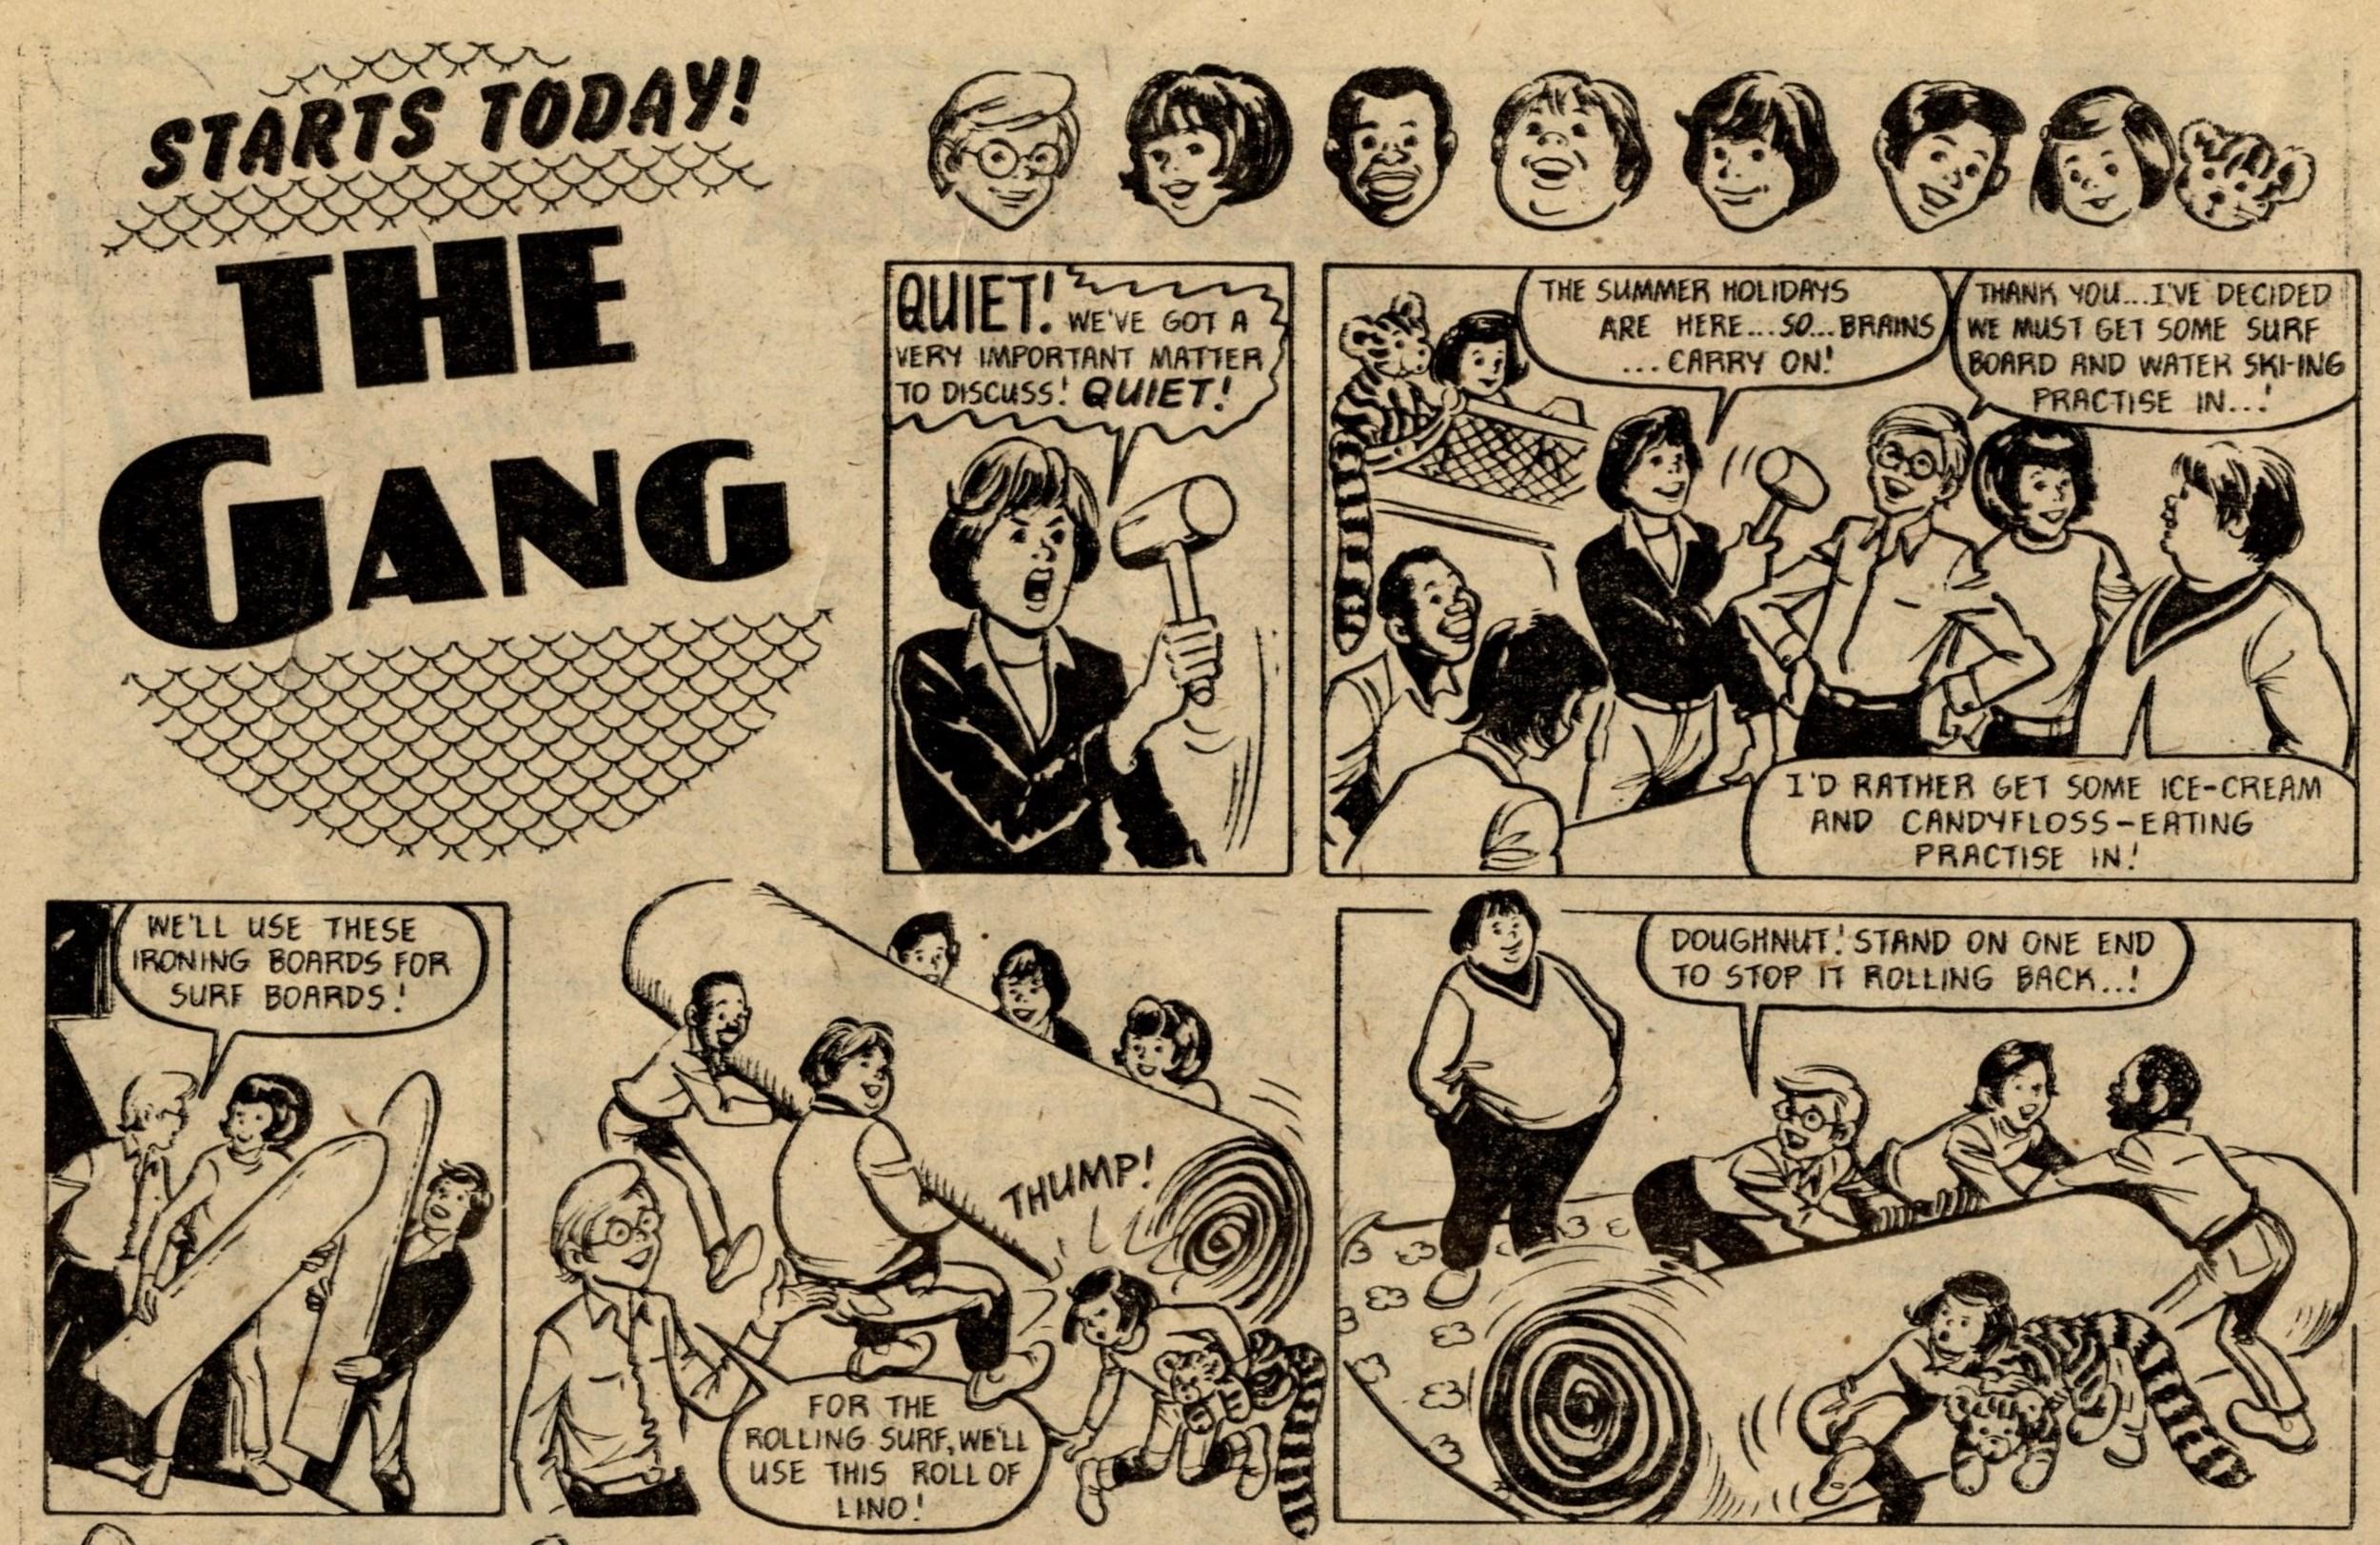 The Gang: Robert McGillivray (artist)